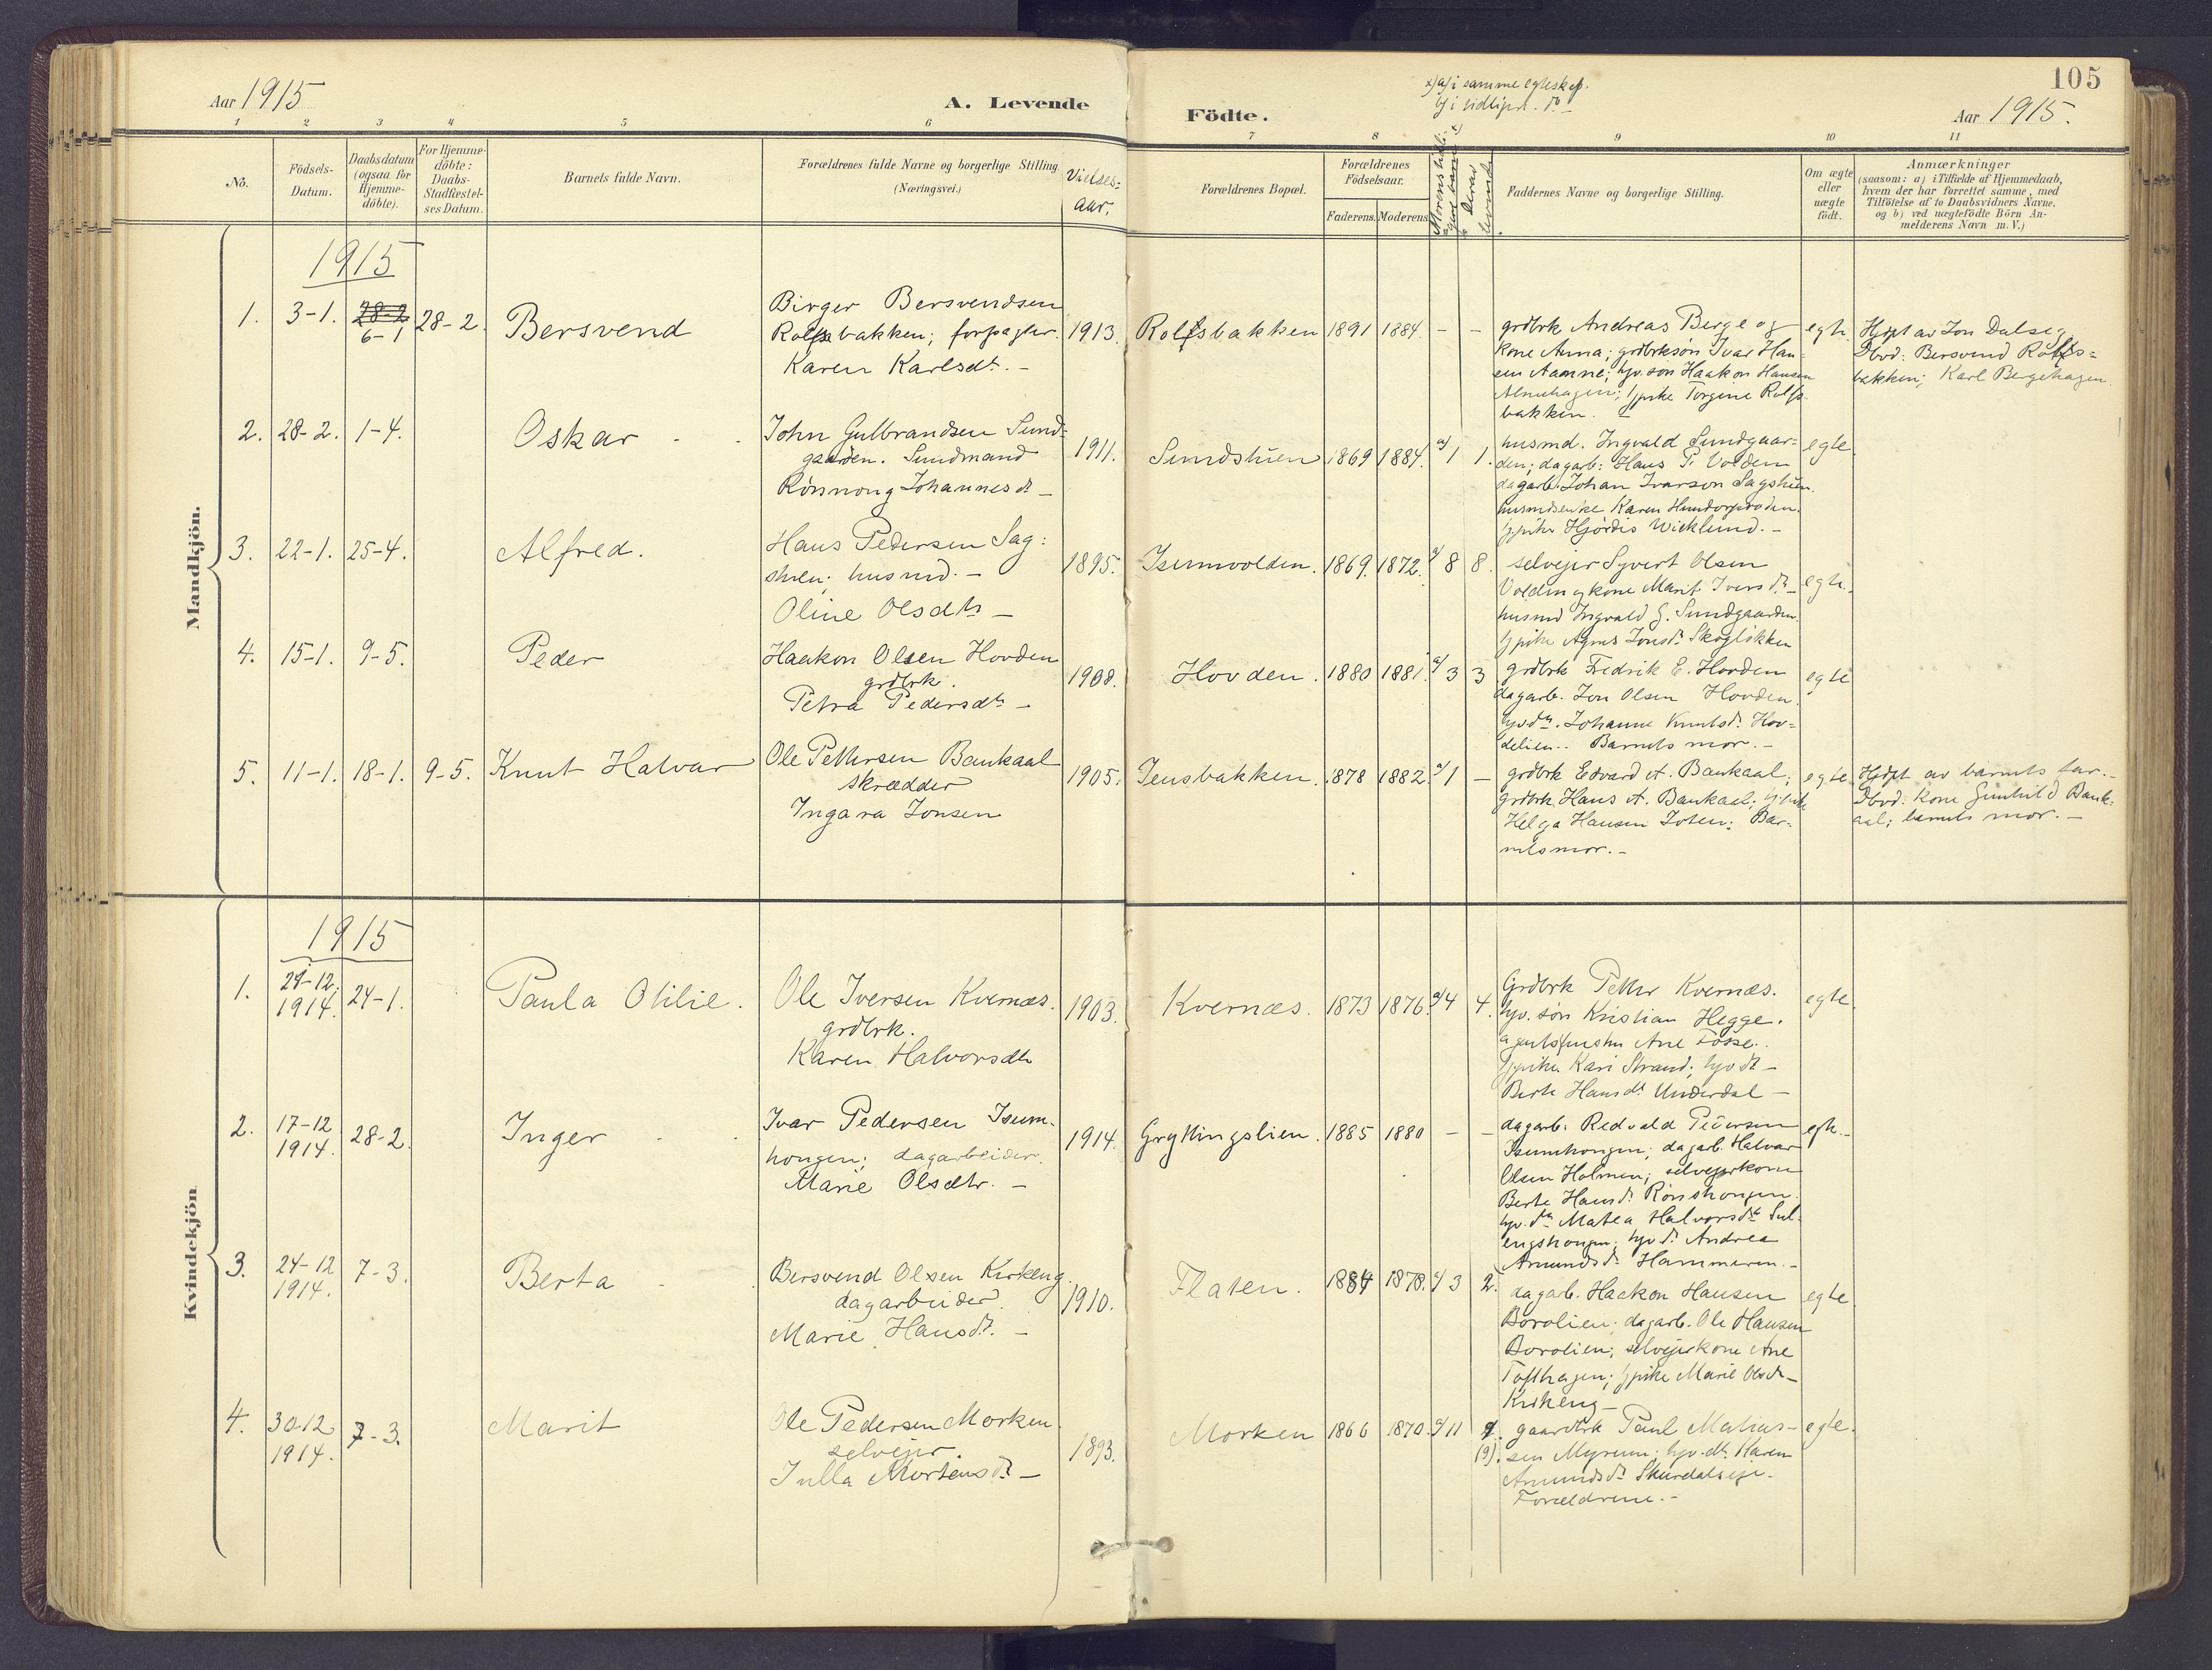 SAH, Sør-Fron prestekontor, H/Ha/Haa/L0004: Ministerialbok nr. 4, 1898-1919, s. 105